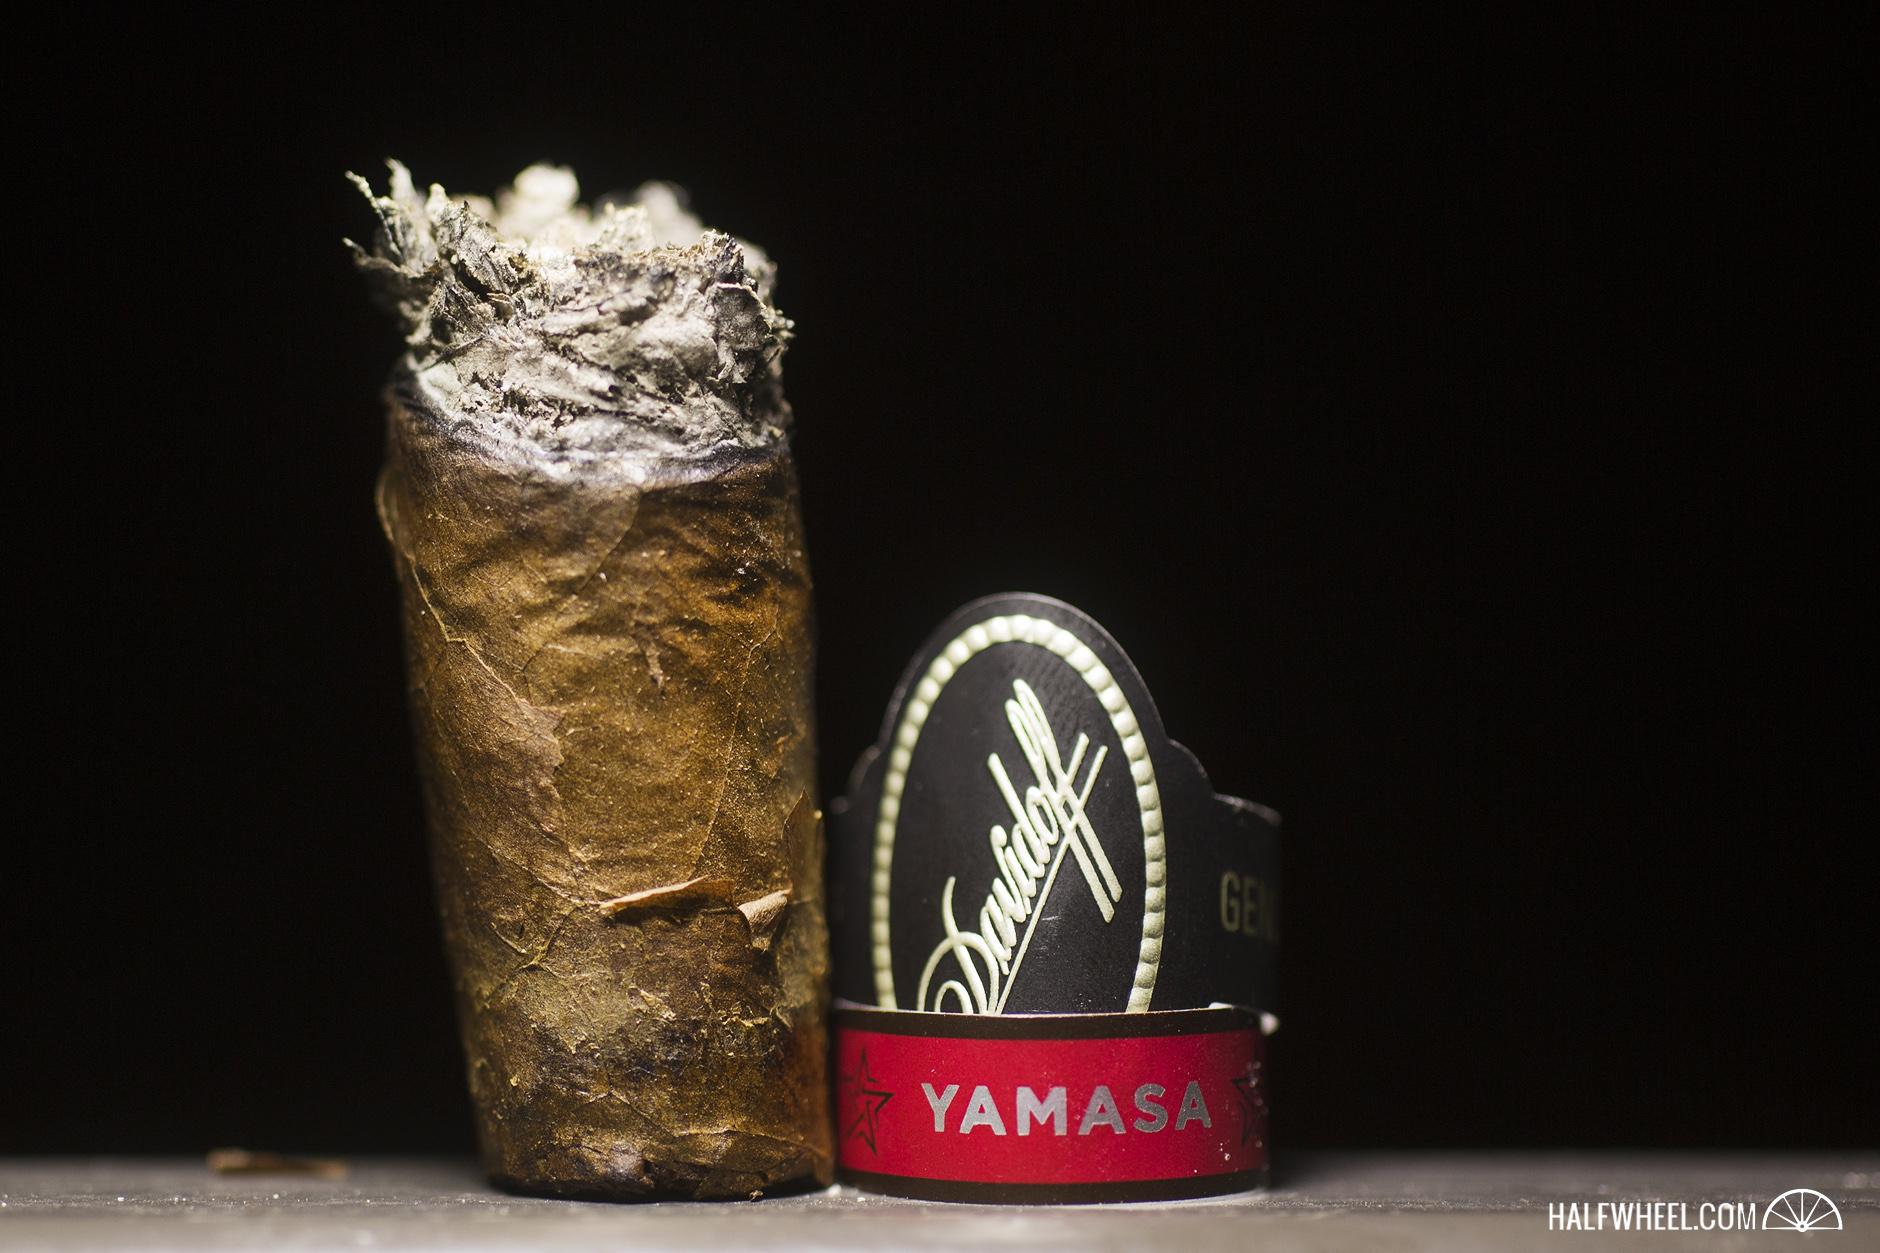 Davidoff Yamasa Piramides 4